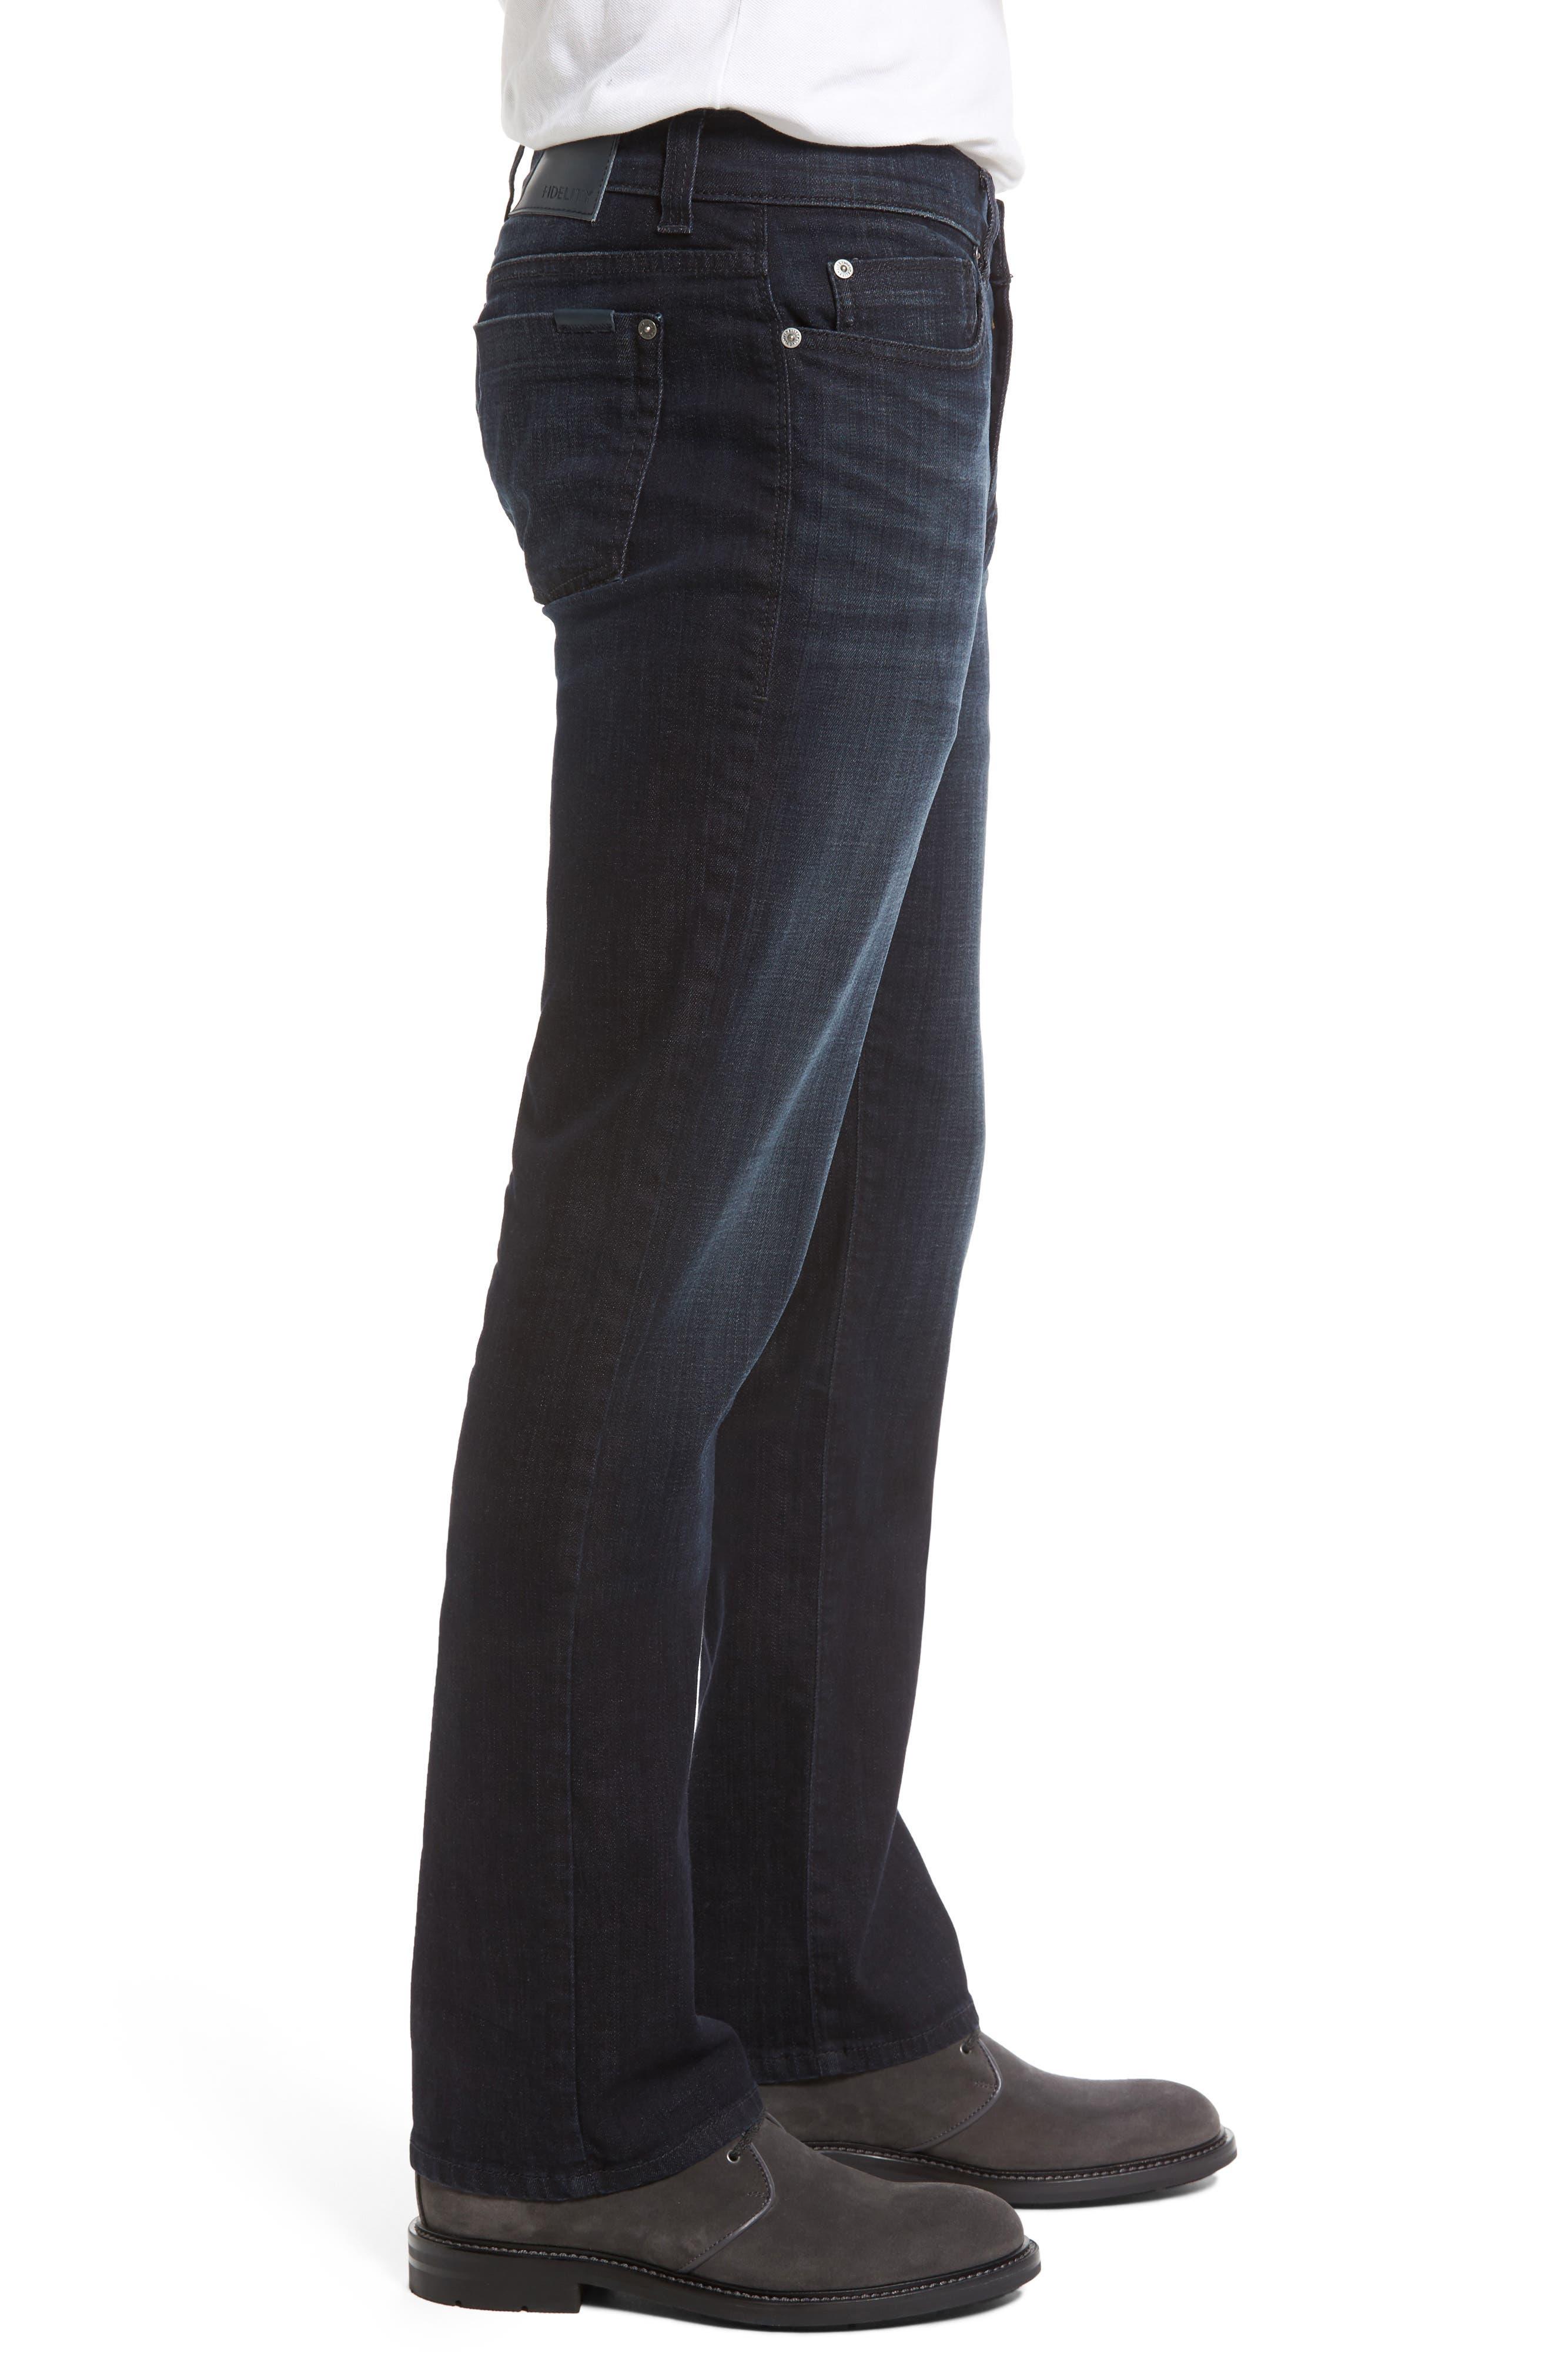 Alternate Image 3  - Fidelity Denim 5011 Relaxed Fit Jeans (Harvard)